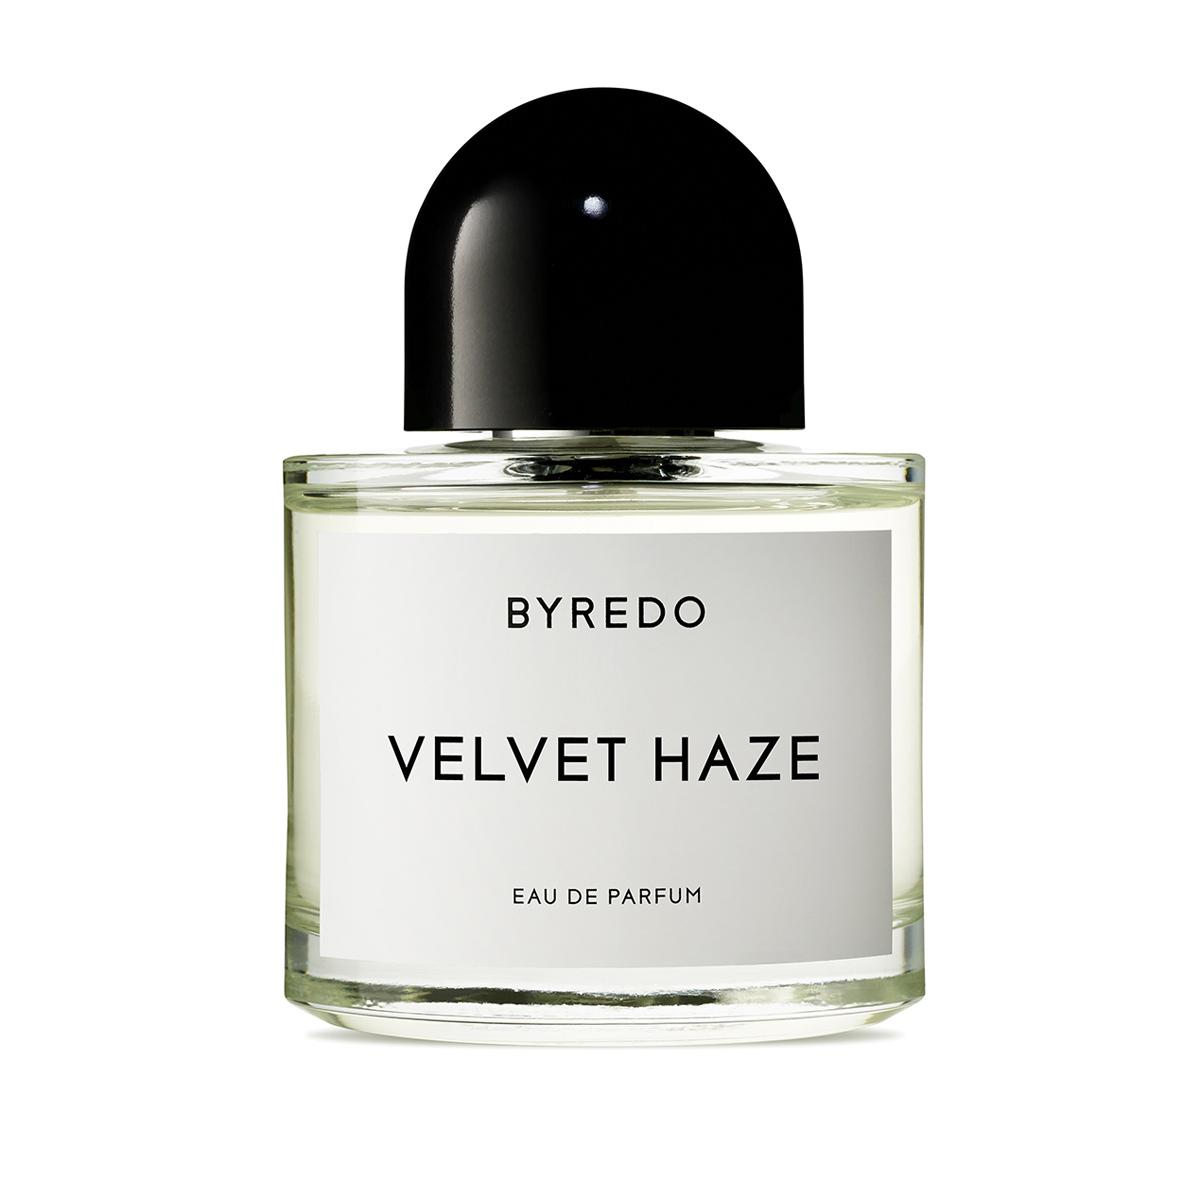 Velvet Haze de Byredo